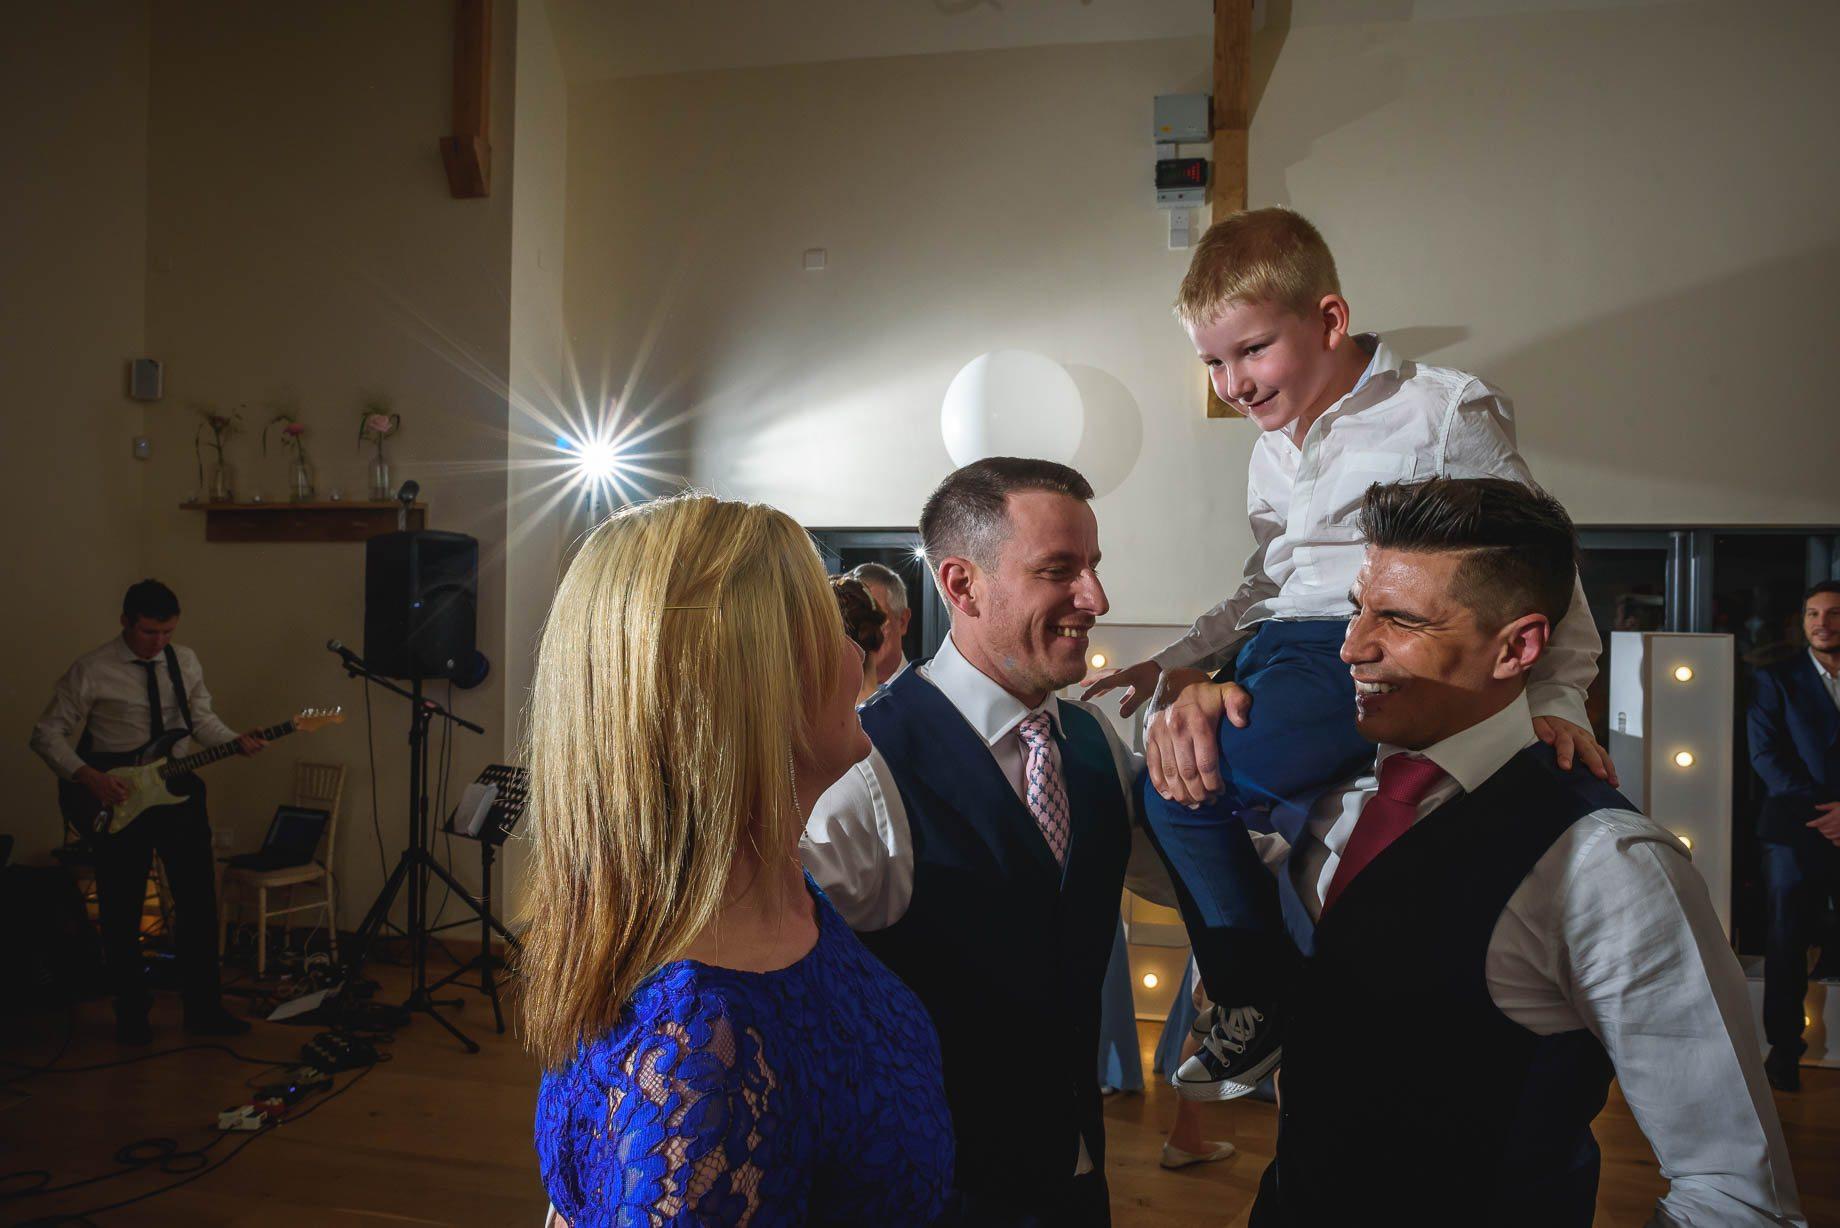 Millbridge Court Wedding Photography - Lisa and Daniel (171 of 173)